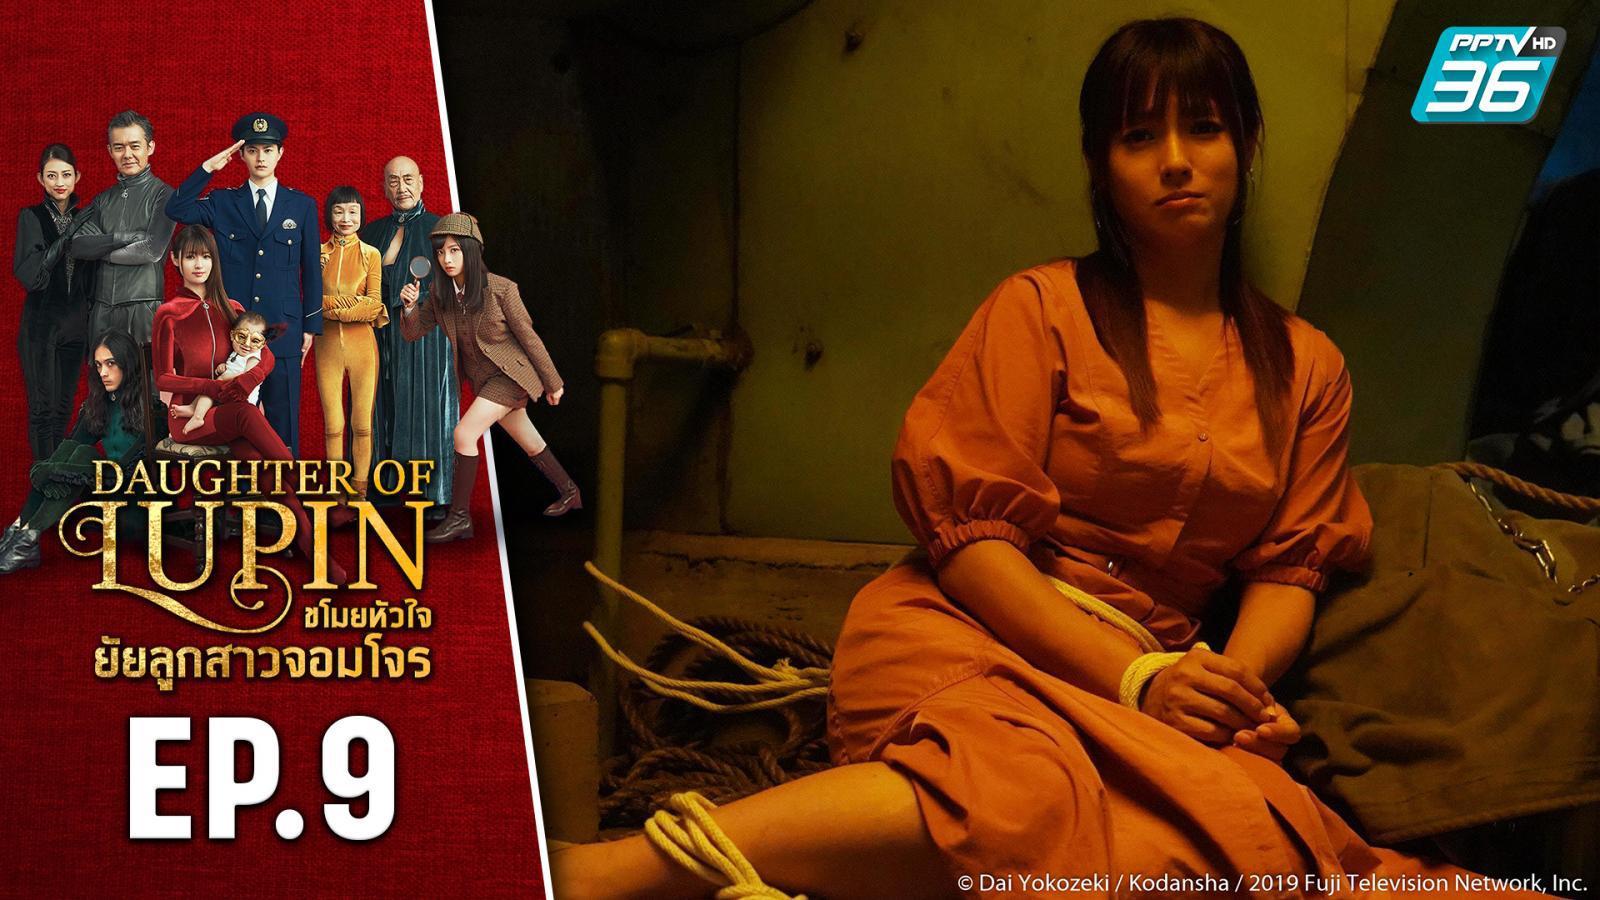 DAUGHTER OF LUPIN ขโมยหัวใจยัยลูกสาวจอมโจร EP.9